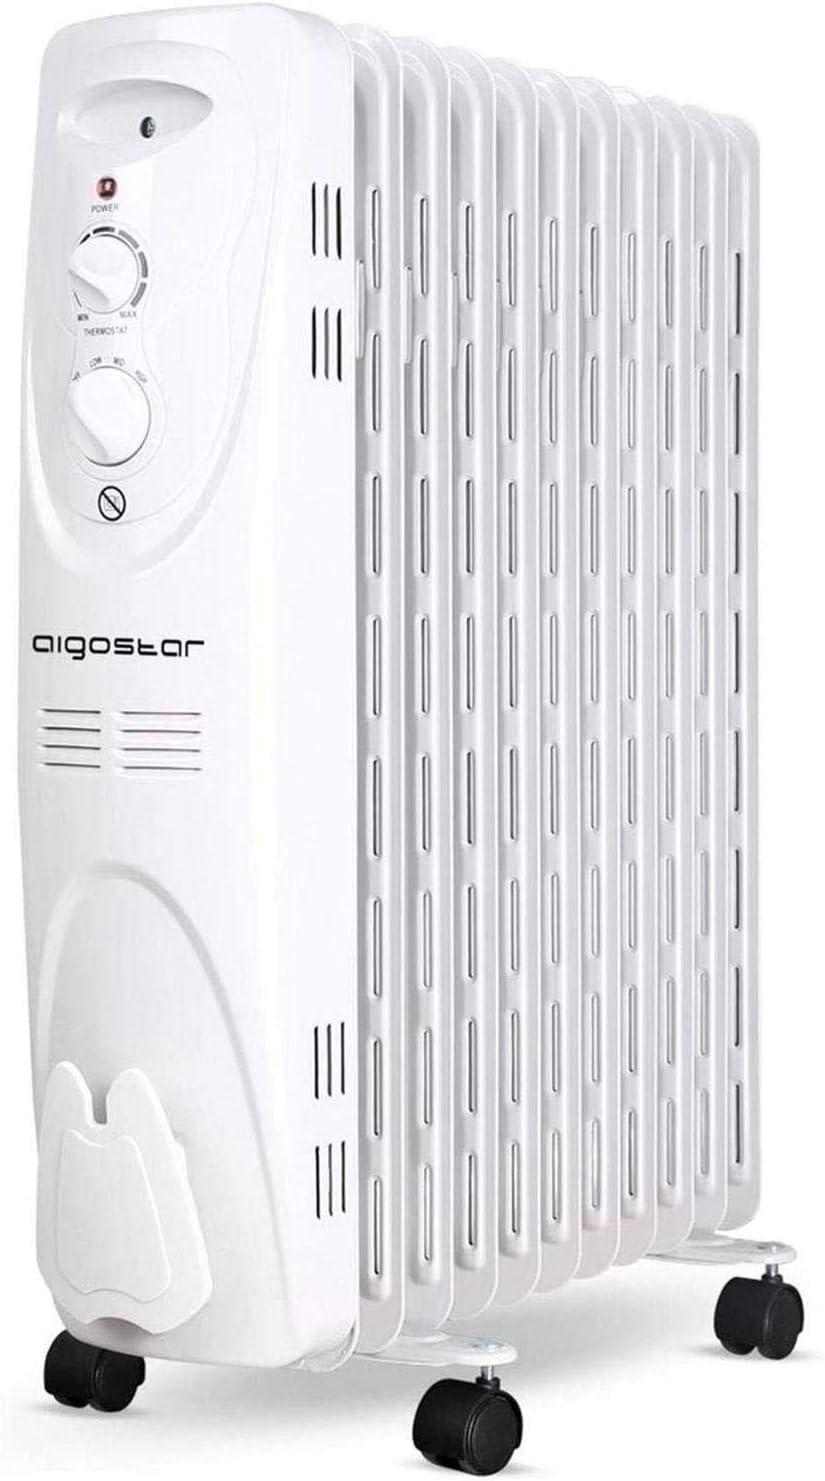 Aigostar Pangpang 33IEJ – Radiador de aceite de 11 elementos, 2300 Watios, dispone de 3 ajustes de potencia y control termostático de temperatura. Diseño exclusivo.